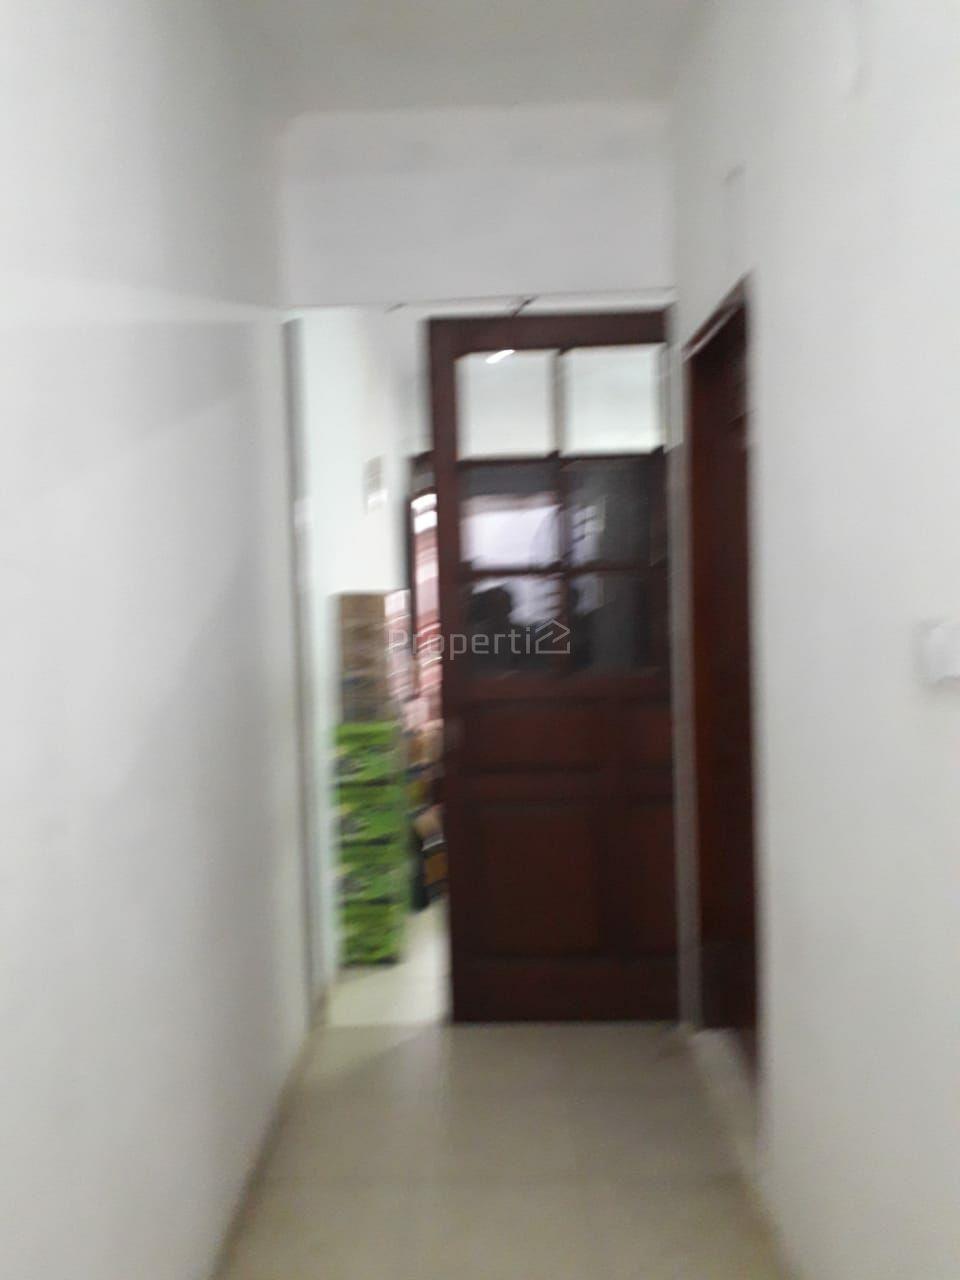 Rumah Siap Huni di Jl. H. Saidi, Jagakarsa